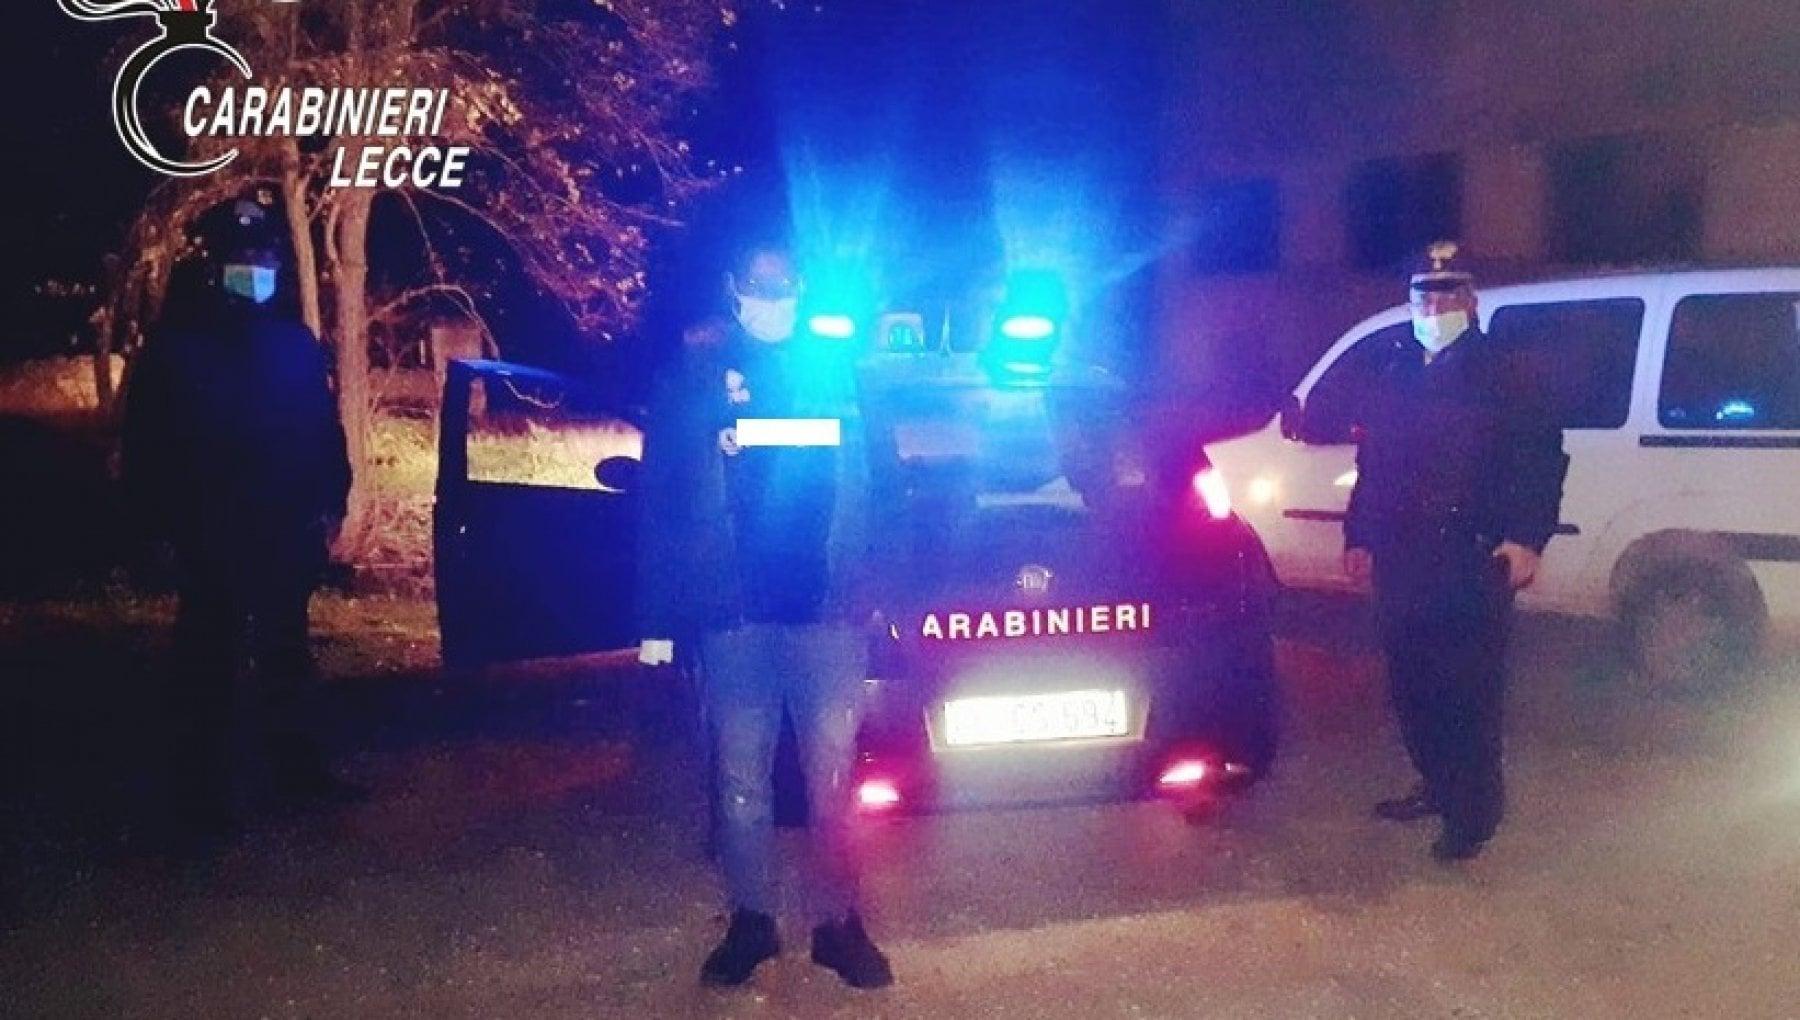 182145202 7b490802 2ffd 4dbd 9e11 8b48550d4743 - Lecce, lo fermano per un controllo e scoprono che è a digiuno: i carabinieri offrono la cena di Natale a un migrante